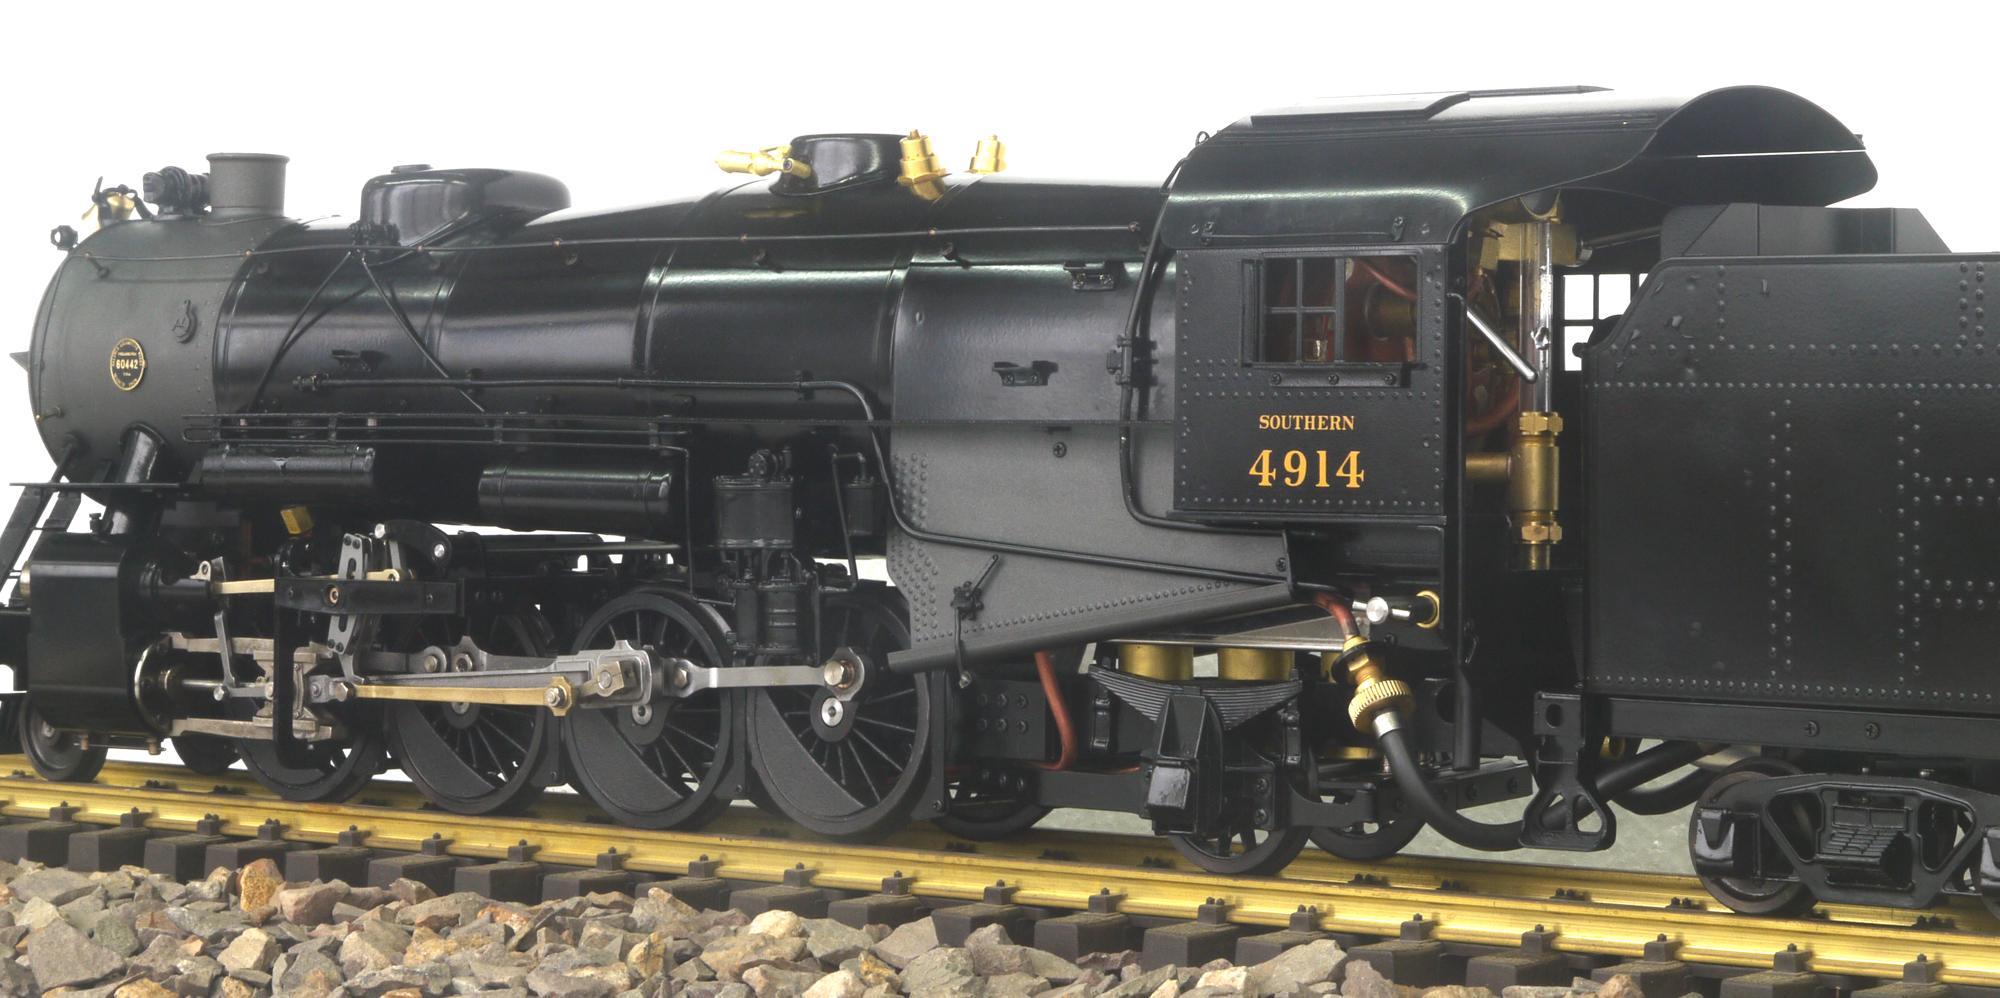 AST-105-5R D1